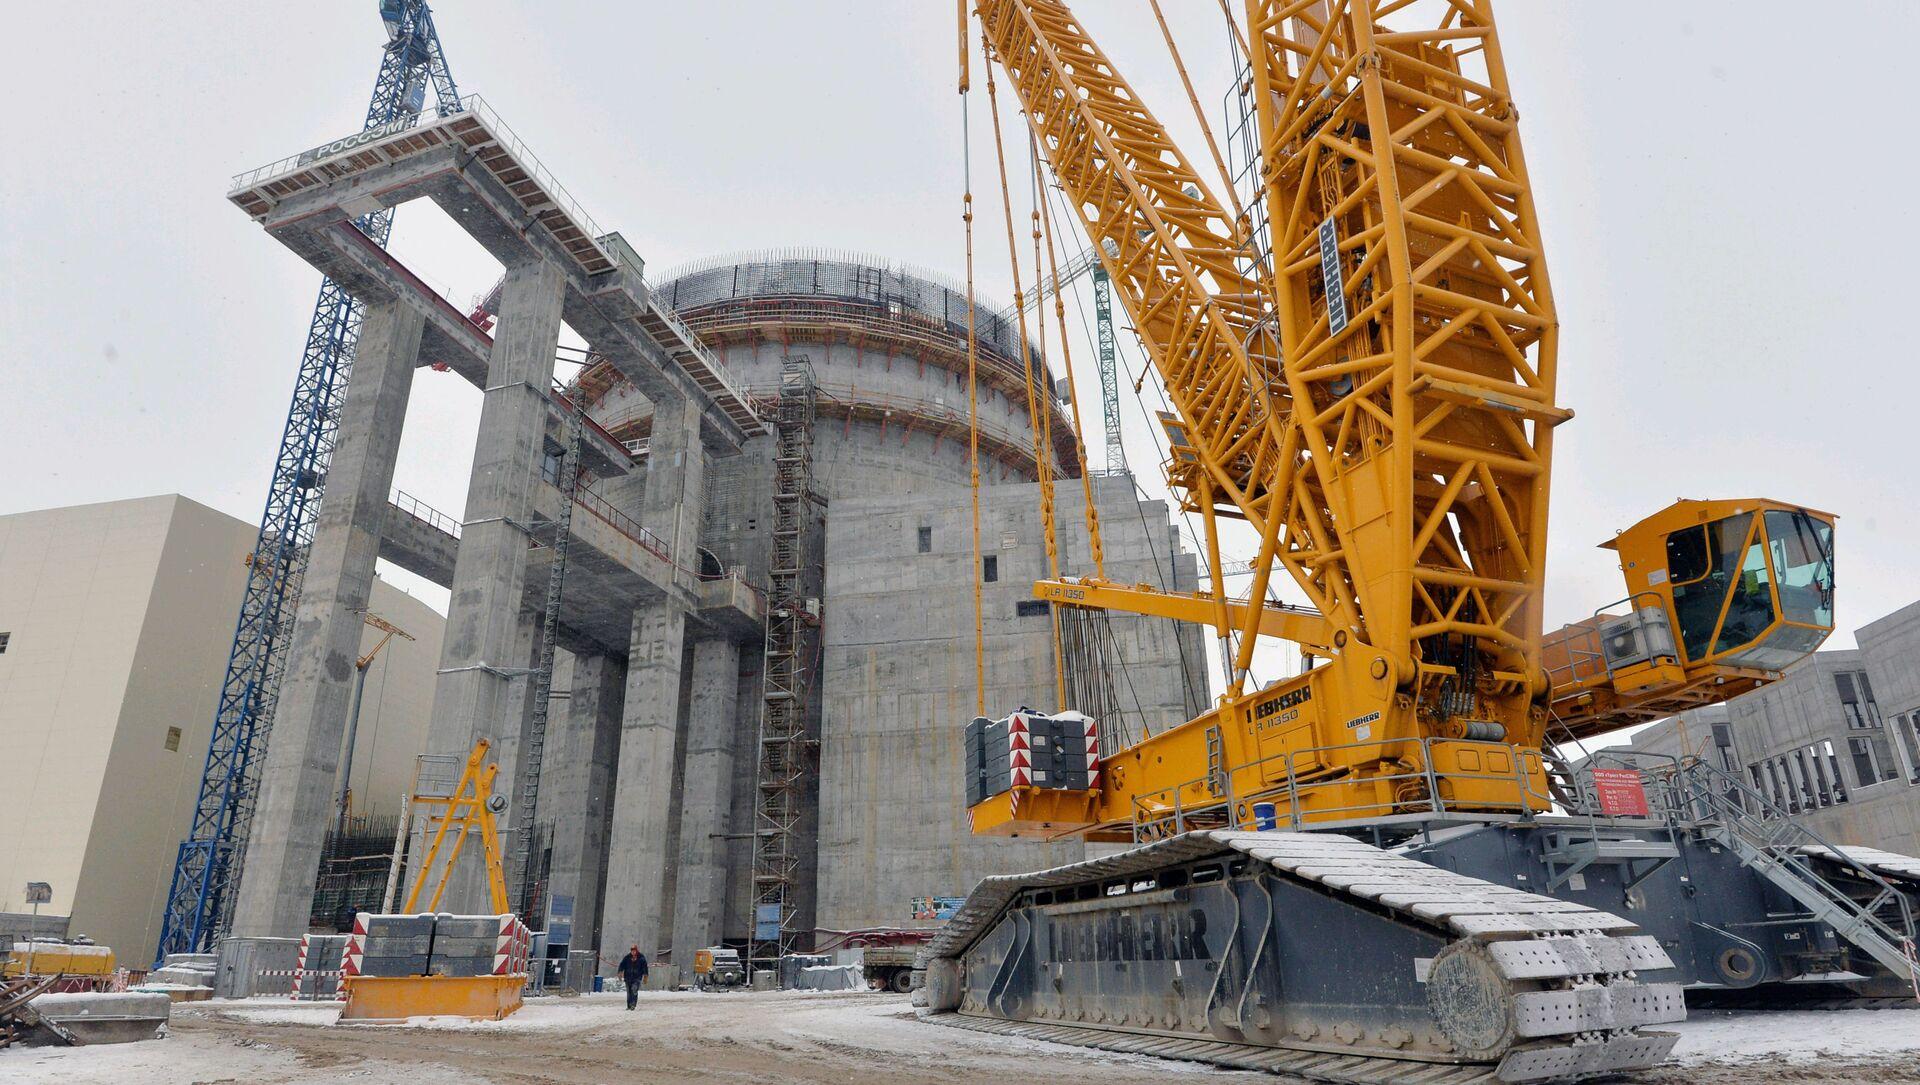 Elektrownia jądrowa typu AES-2006 na Białorusi w trakcie budowy. Zdjęcie archiwalne - Sputnik Polska, 1920, 24.03.2021